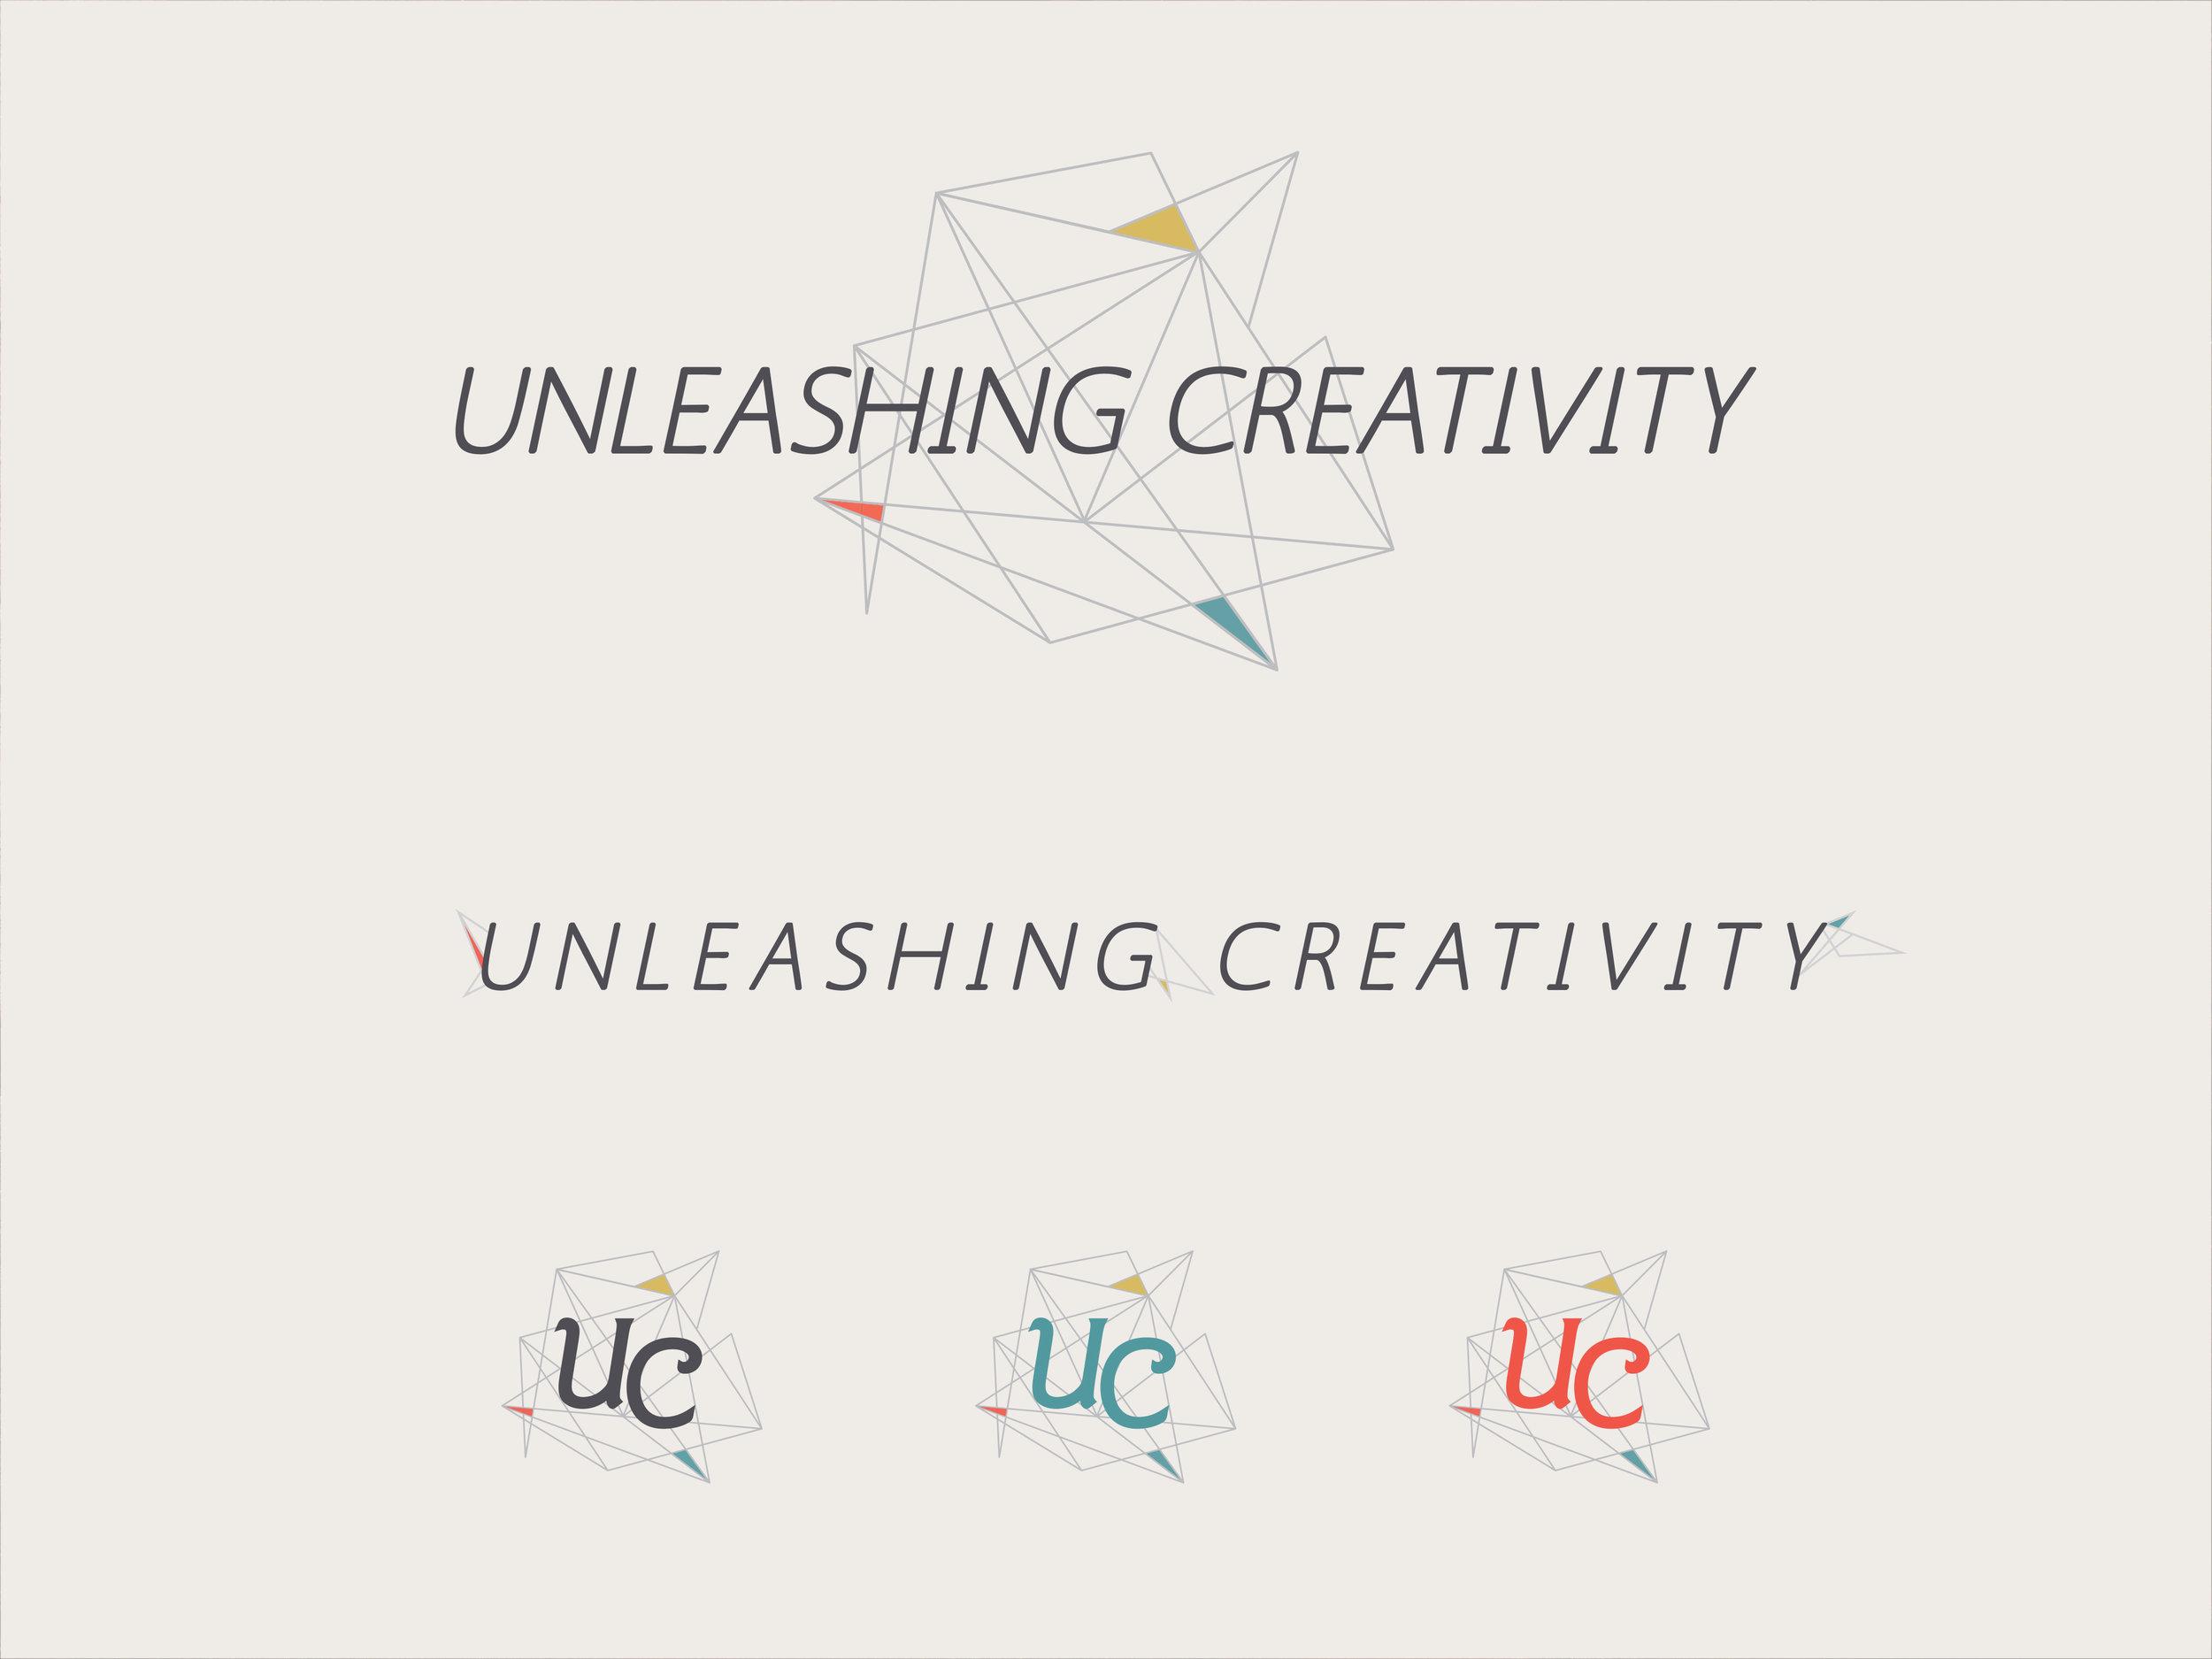 uc-logo.jpg